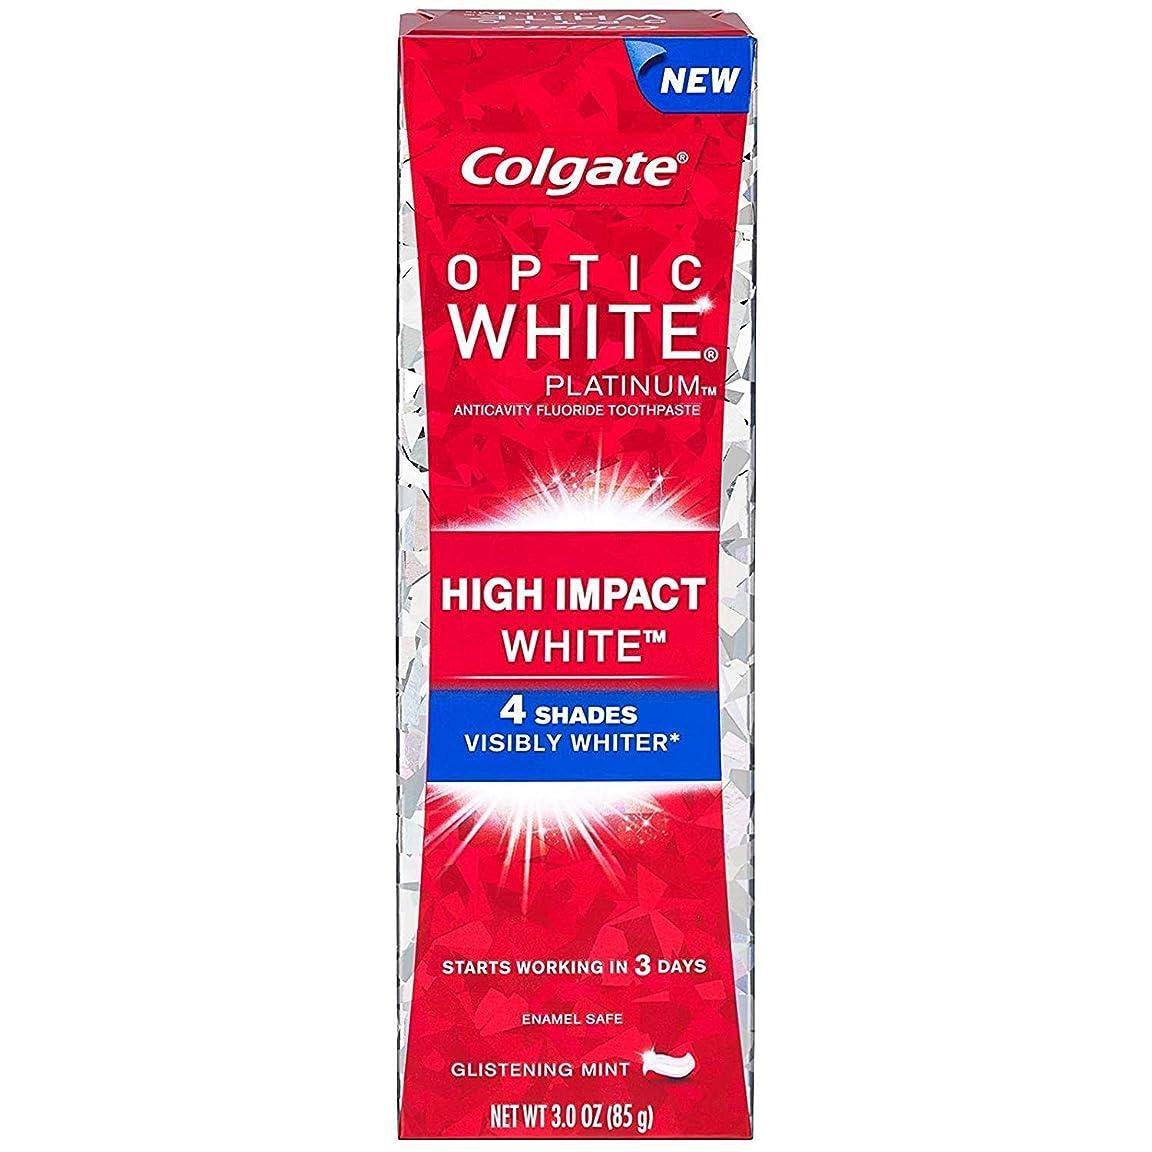 ぬいぐるみインストラクター尊敬する2個セット Colgate コルゲート オプティックホワイト ハイインパクト 85g